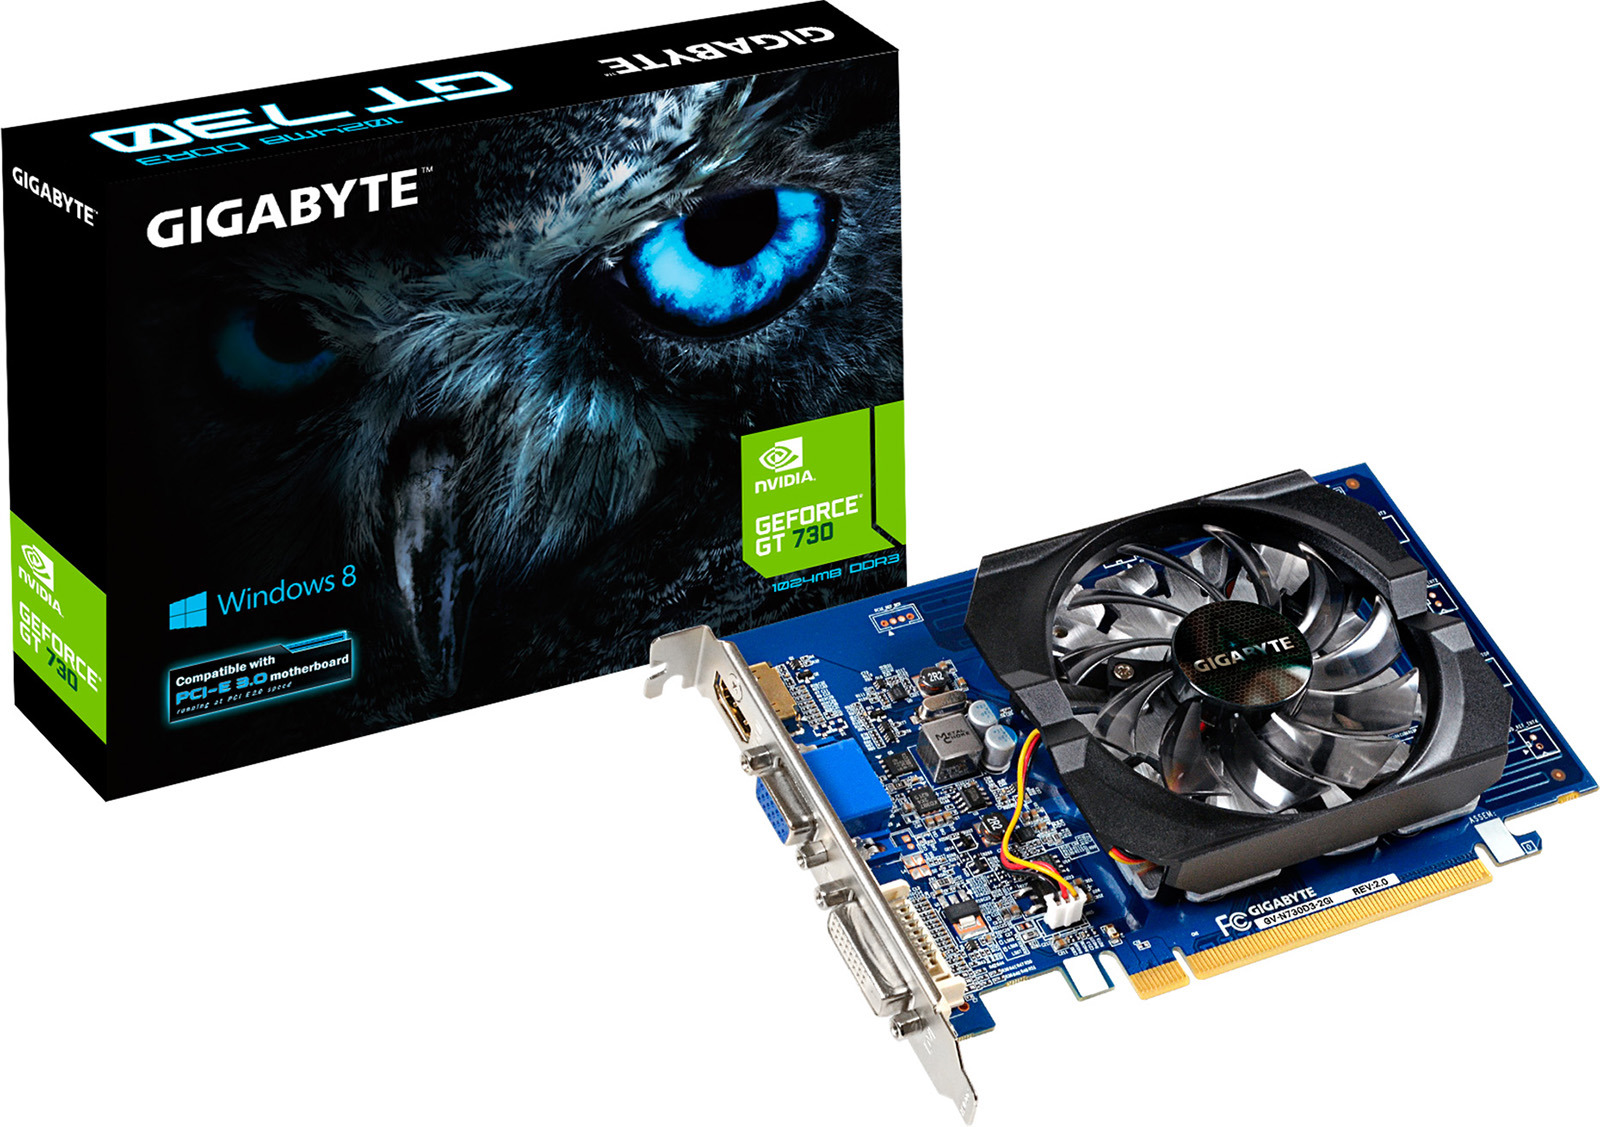 Видеокарта Gigabyte GeForce GT 730 2GB, GV-N730D3-2GI видеокарта gigabyte pci e gv n730d5 2gi nvidia